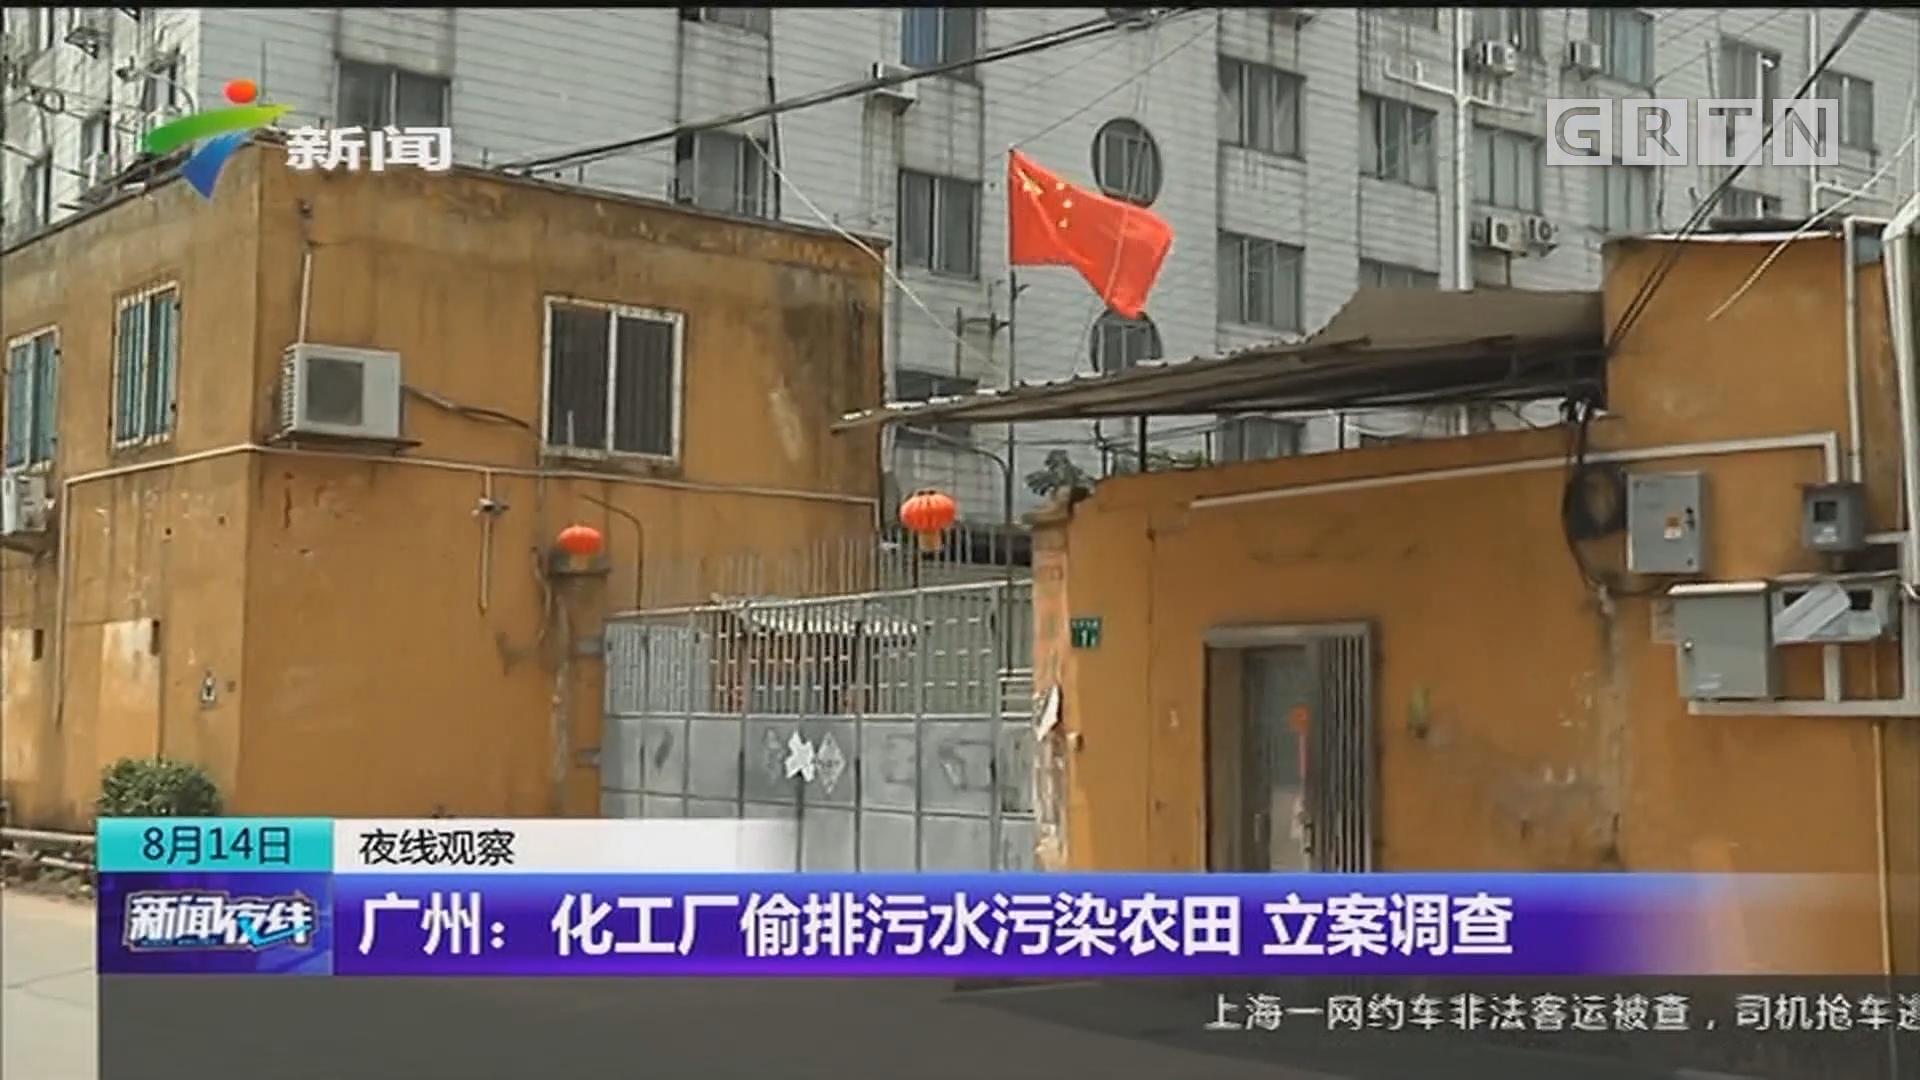 广州:化工厂偷排污水污染农田 立案调查